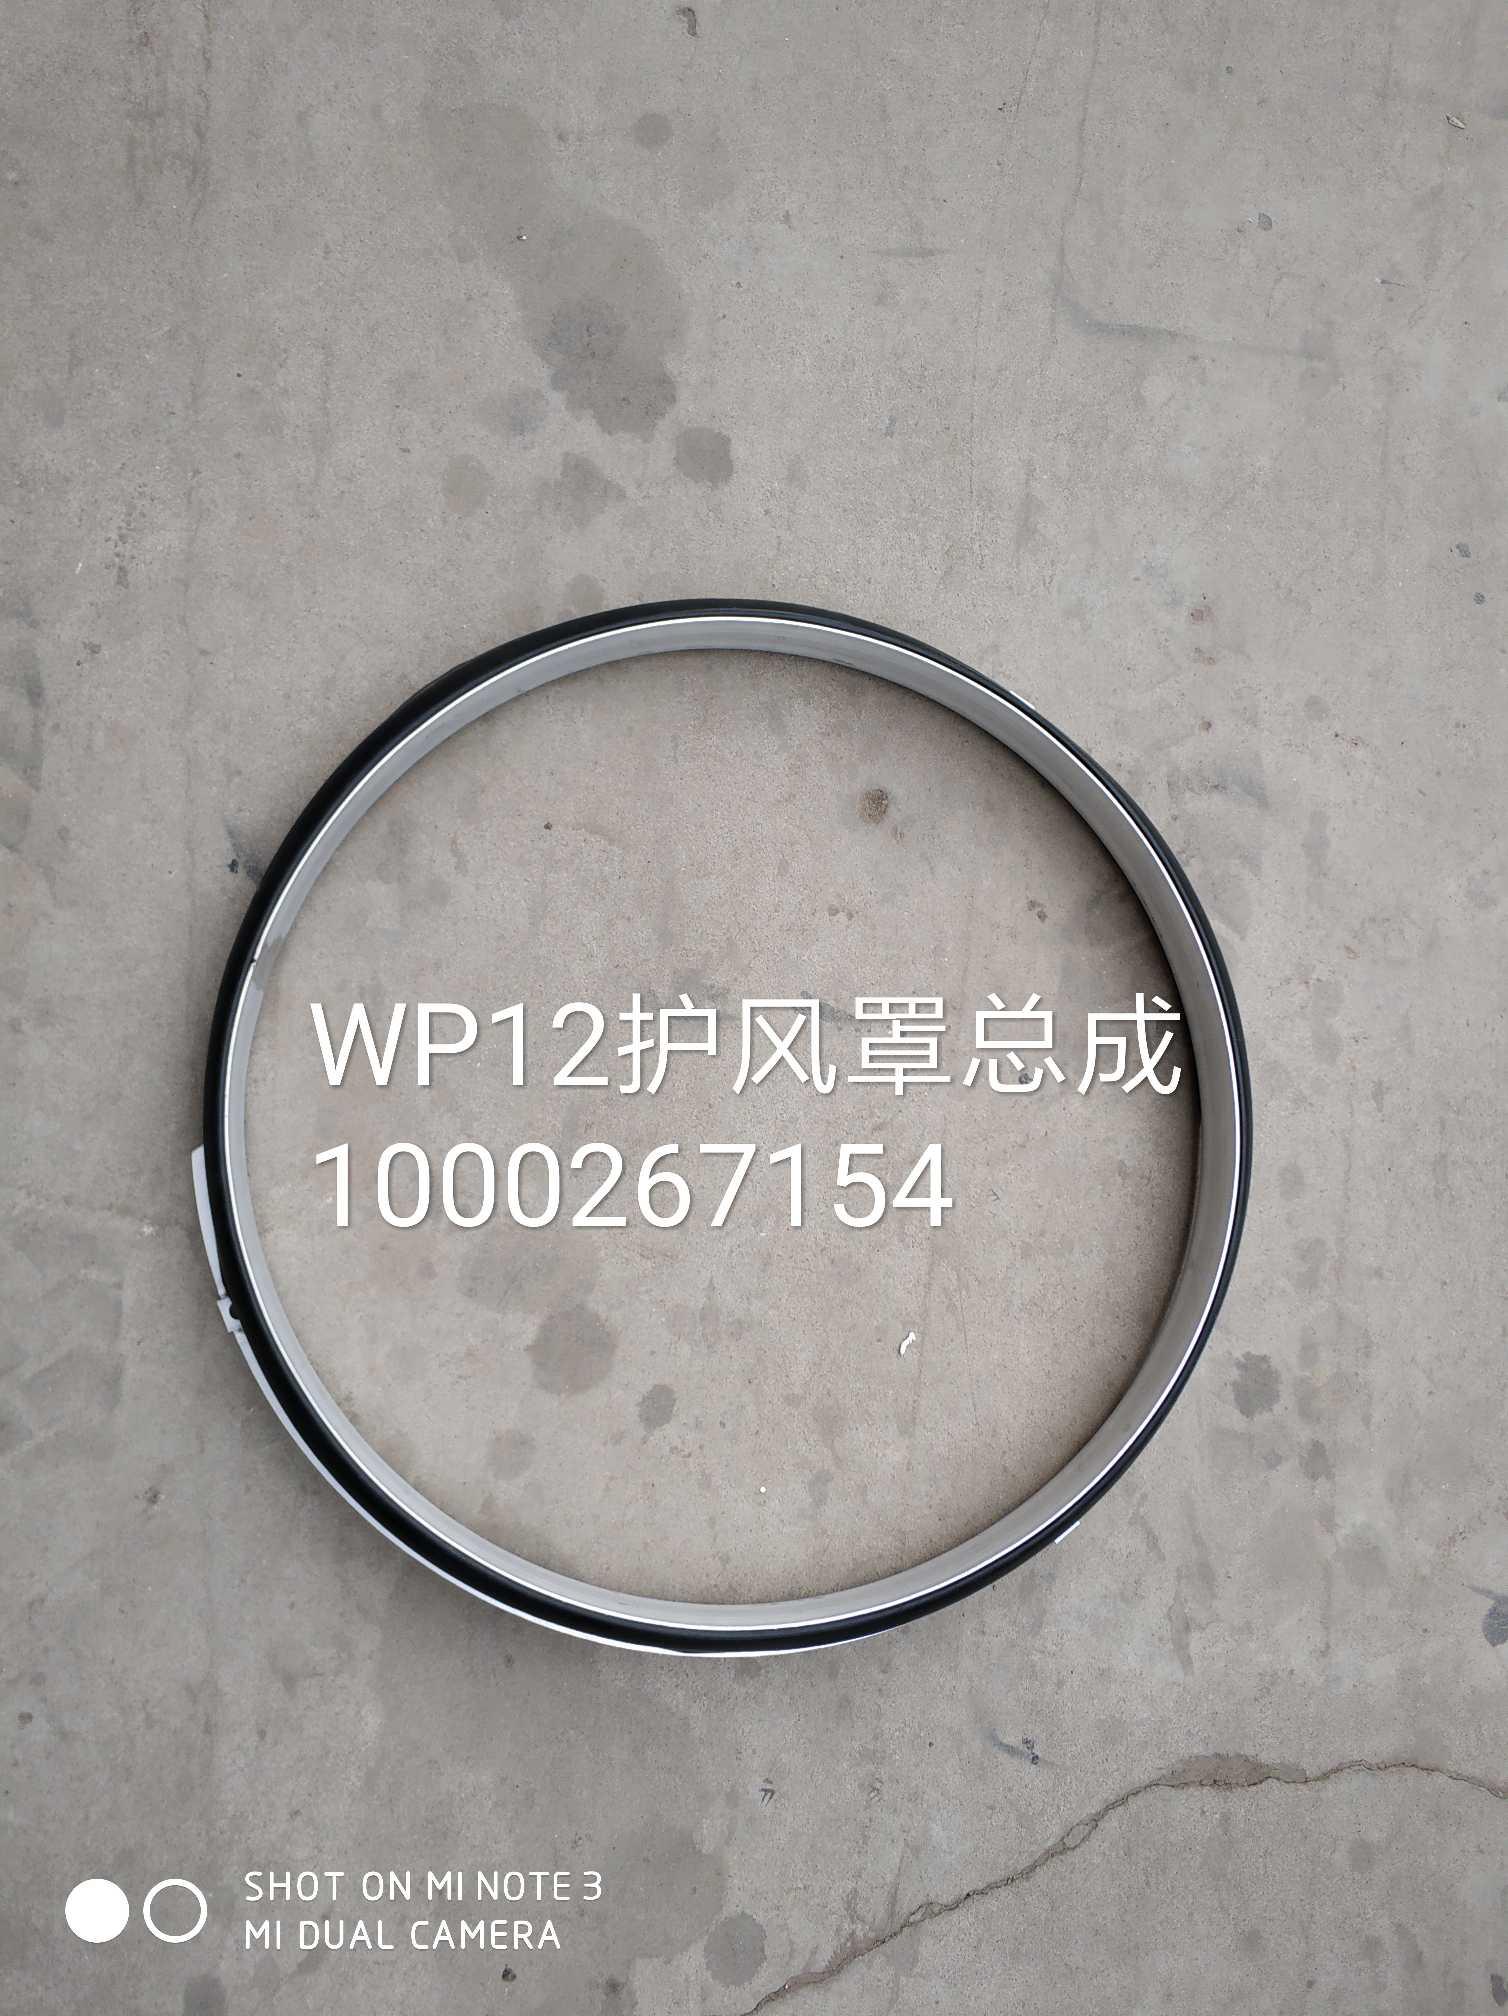 WP12护风罩总成1000267154